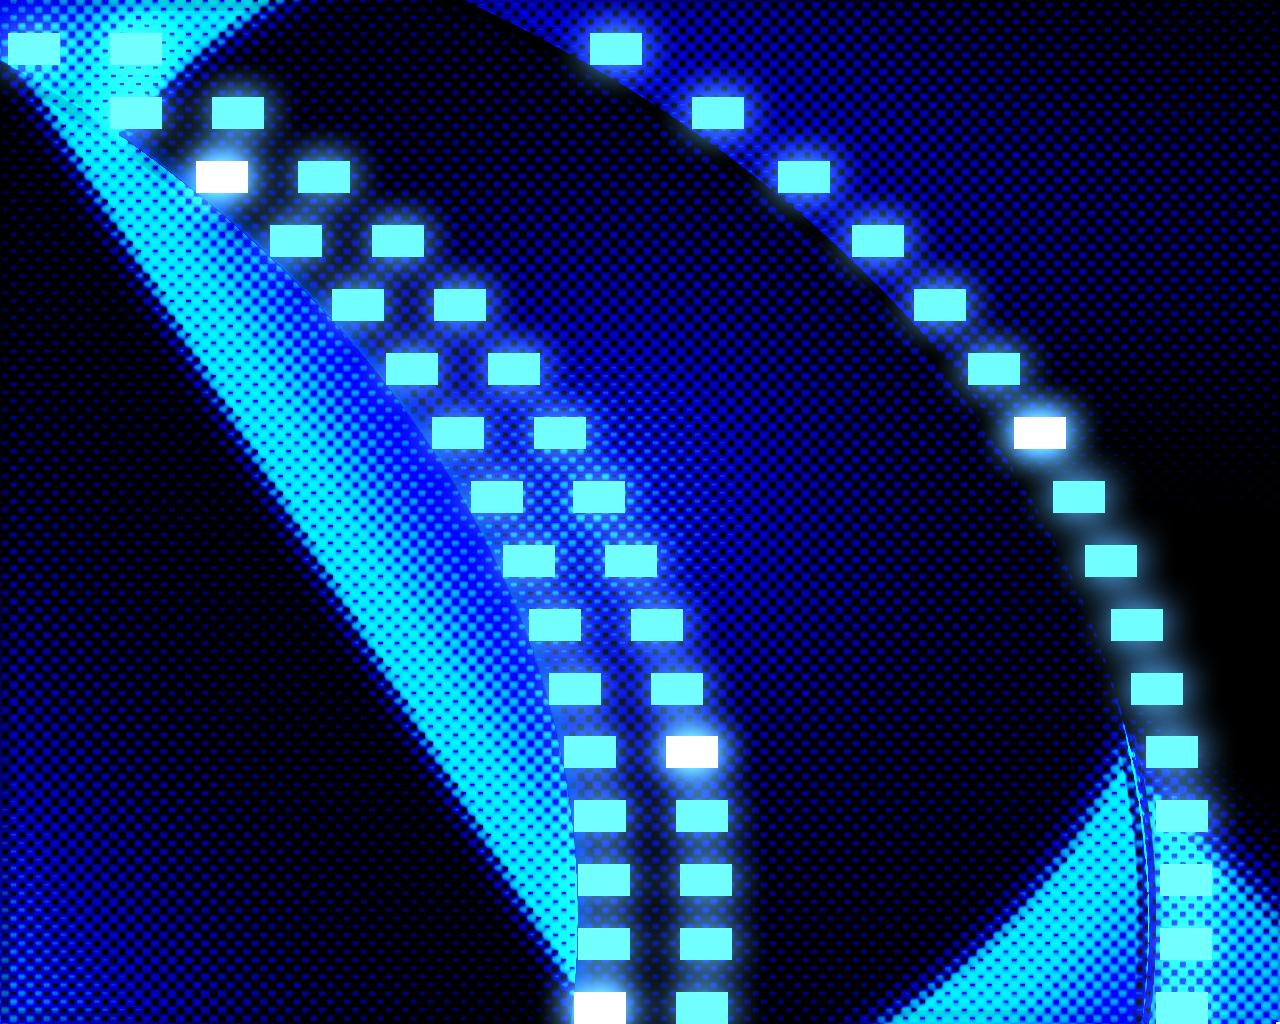 50 Flashing Lights Wallpaper On Wallpapersafari